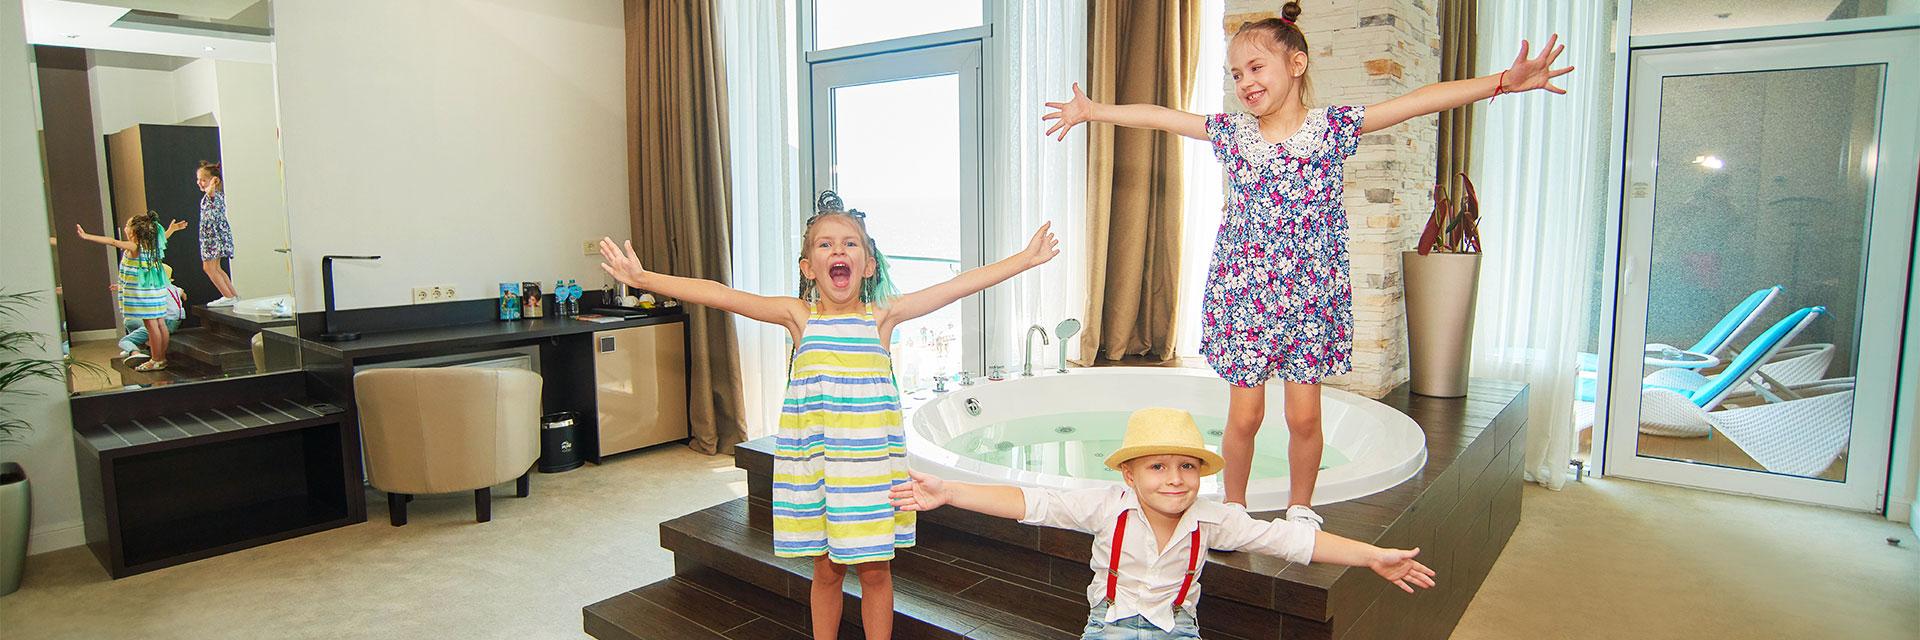 Kinder übernachten gratis im RESORT & SPA HOTEL NEMO, foto № 1